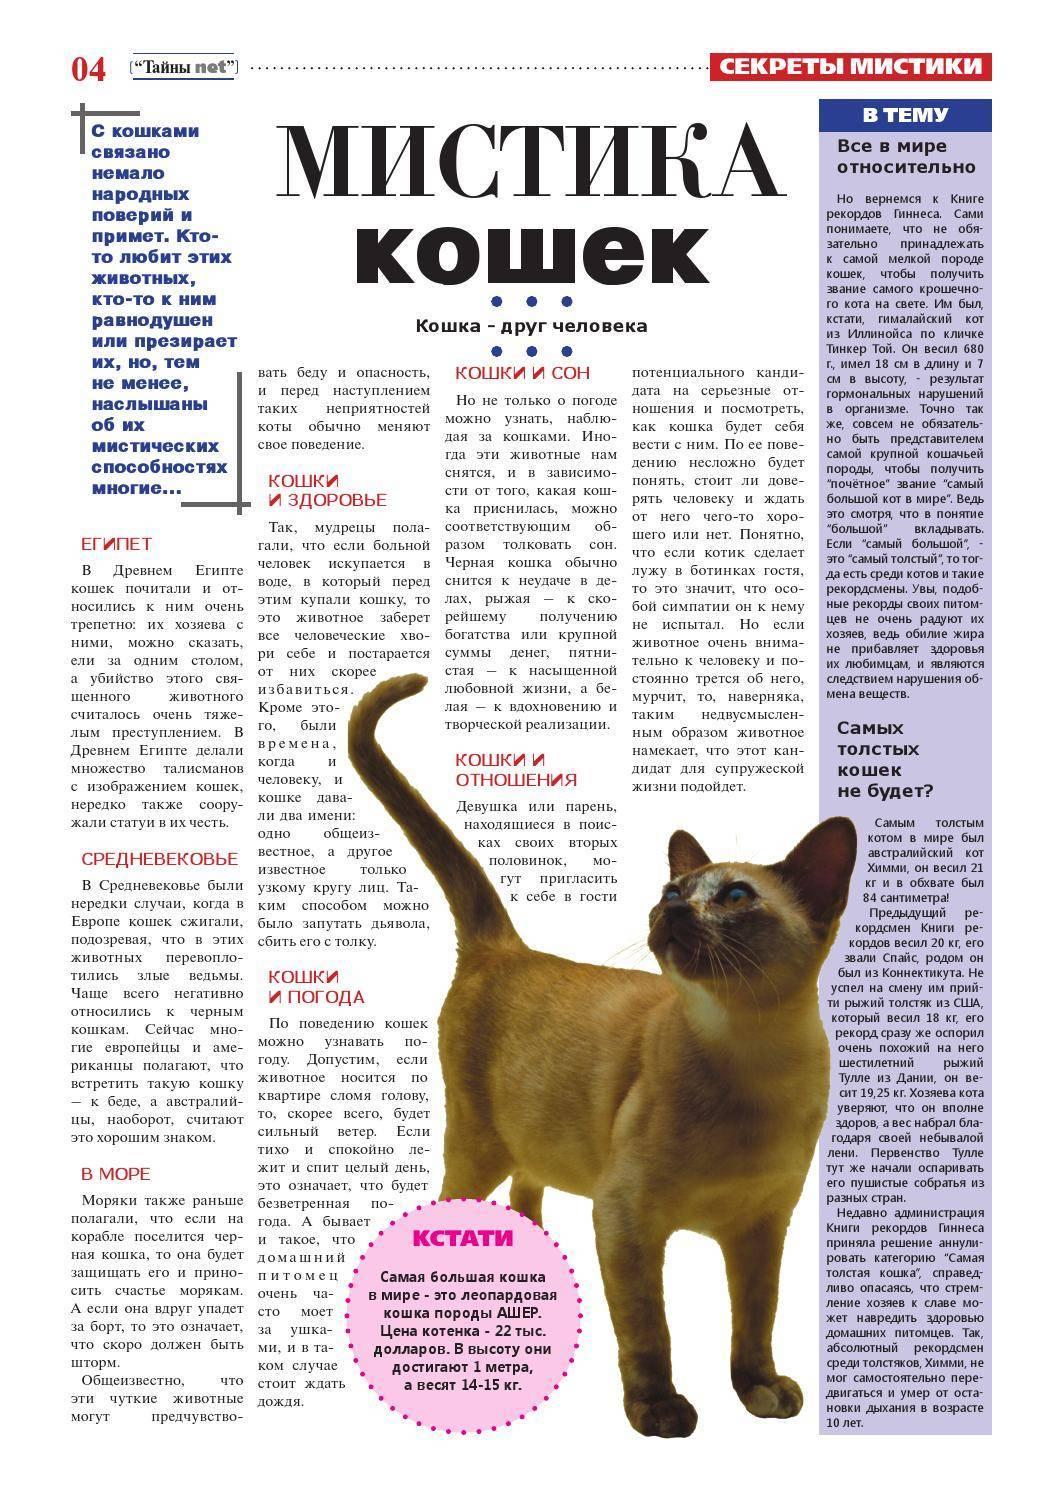 Вязка котов и кошек: всё, что нужно знать их владельцам - возраст для вязки, подготовка, правила и поведение кошек и котов до и после вязки - всё о кошках и котах